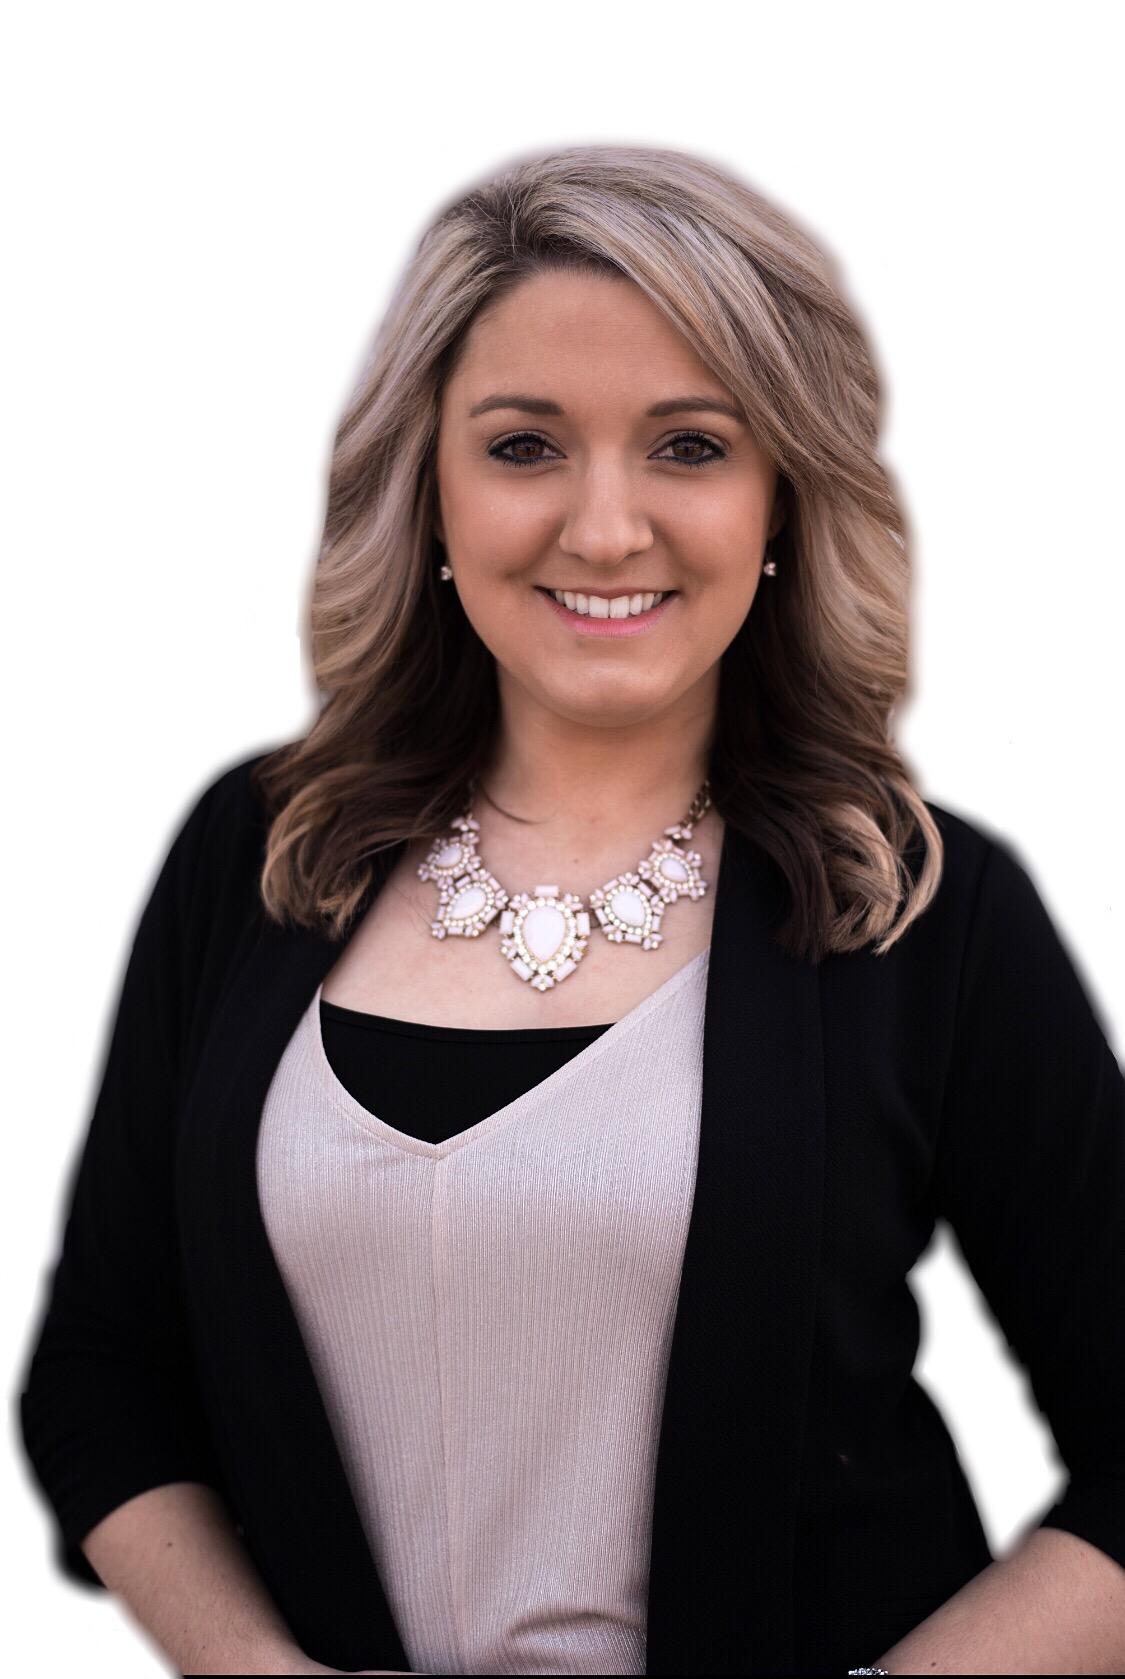 Lindsay Bankston Maurer